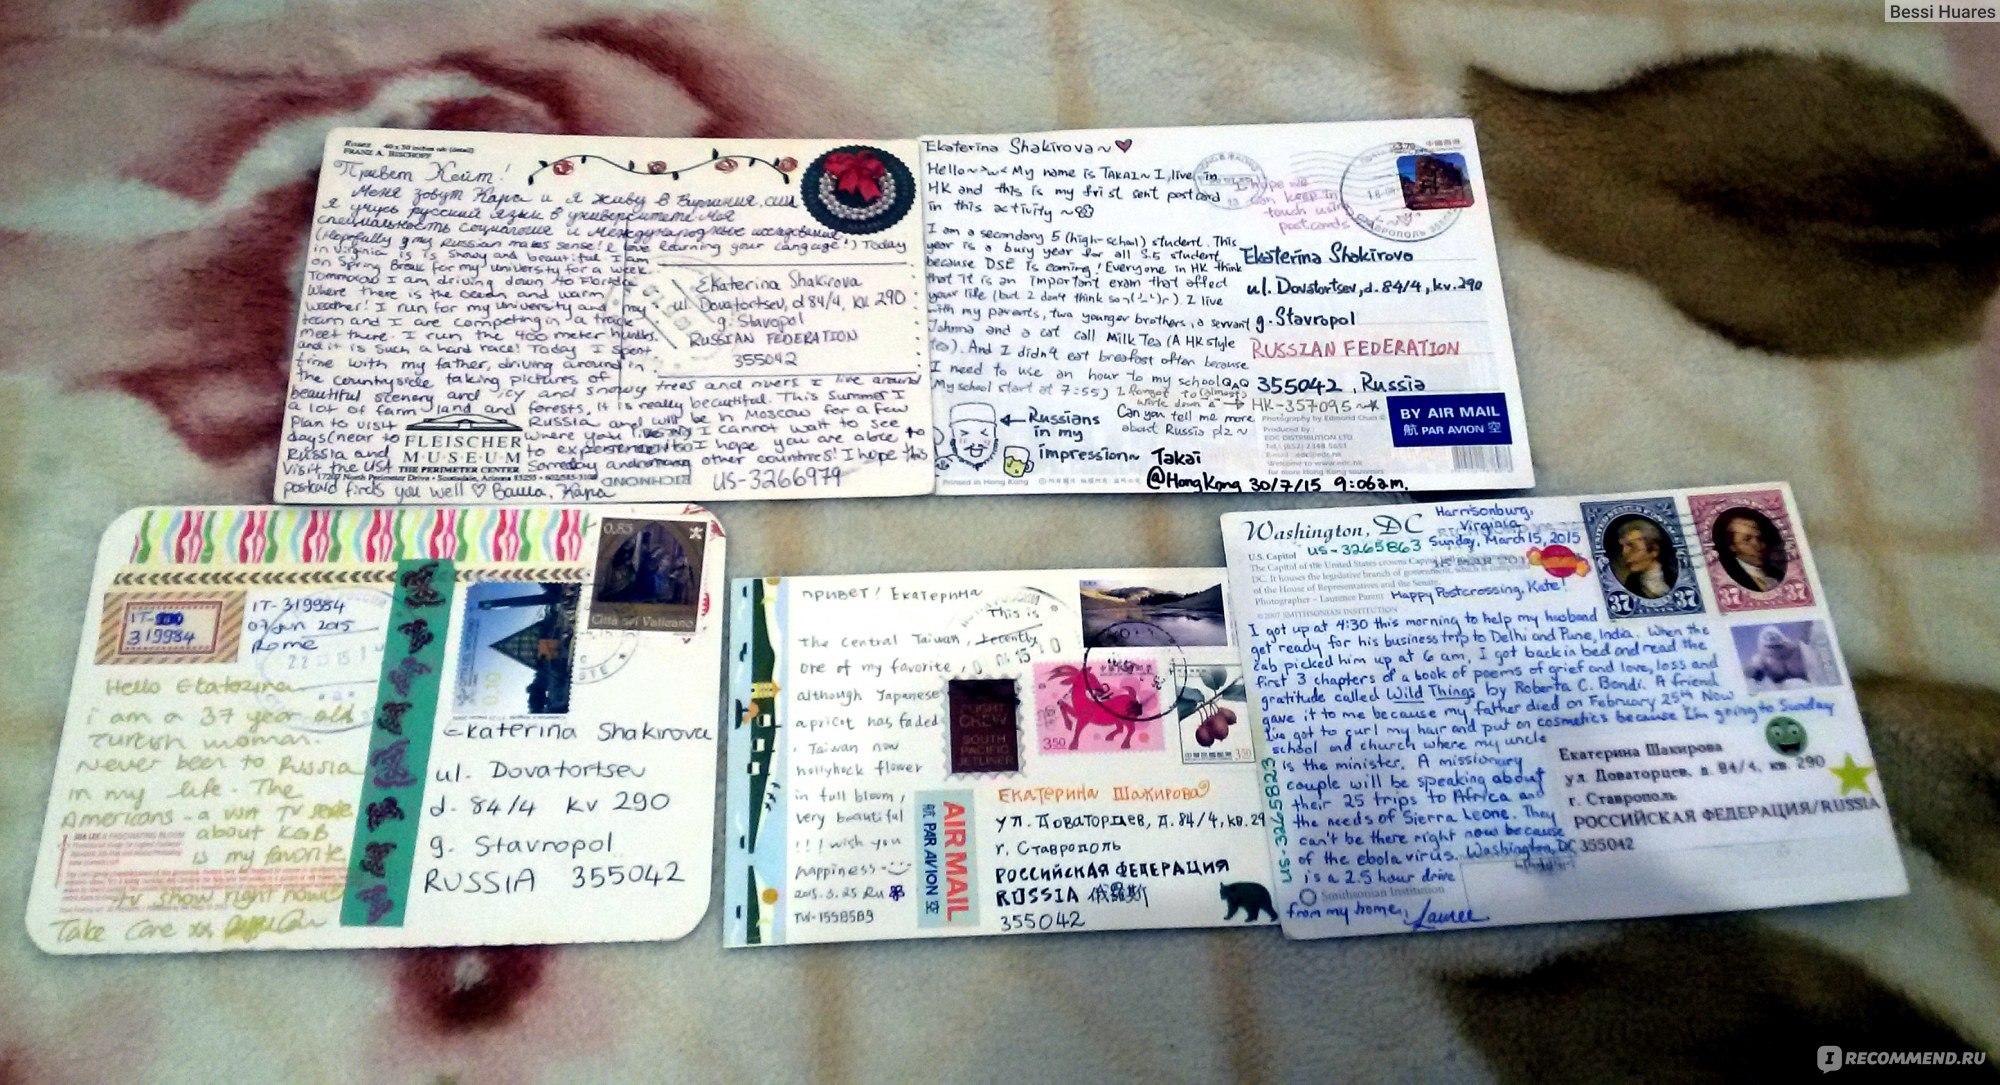 Посткроссинг. Часть 4: как заполнять почтовую открытку 72